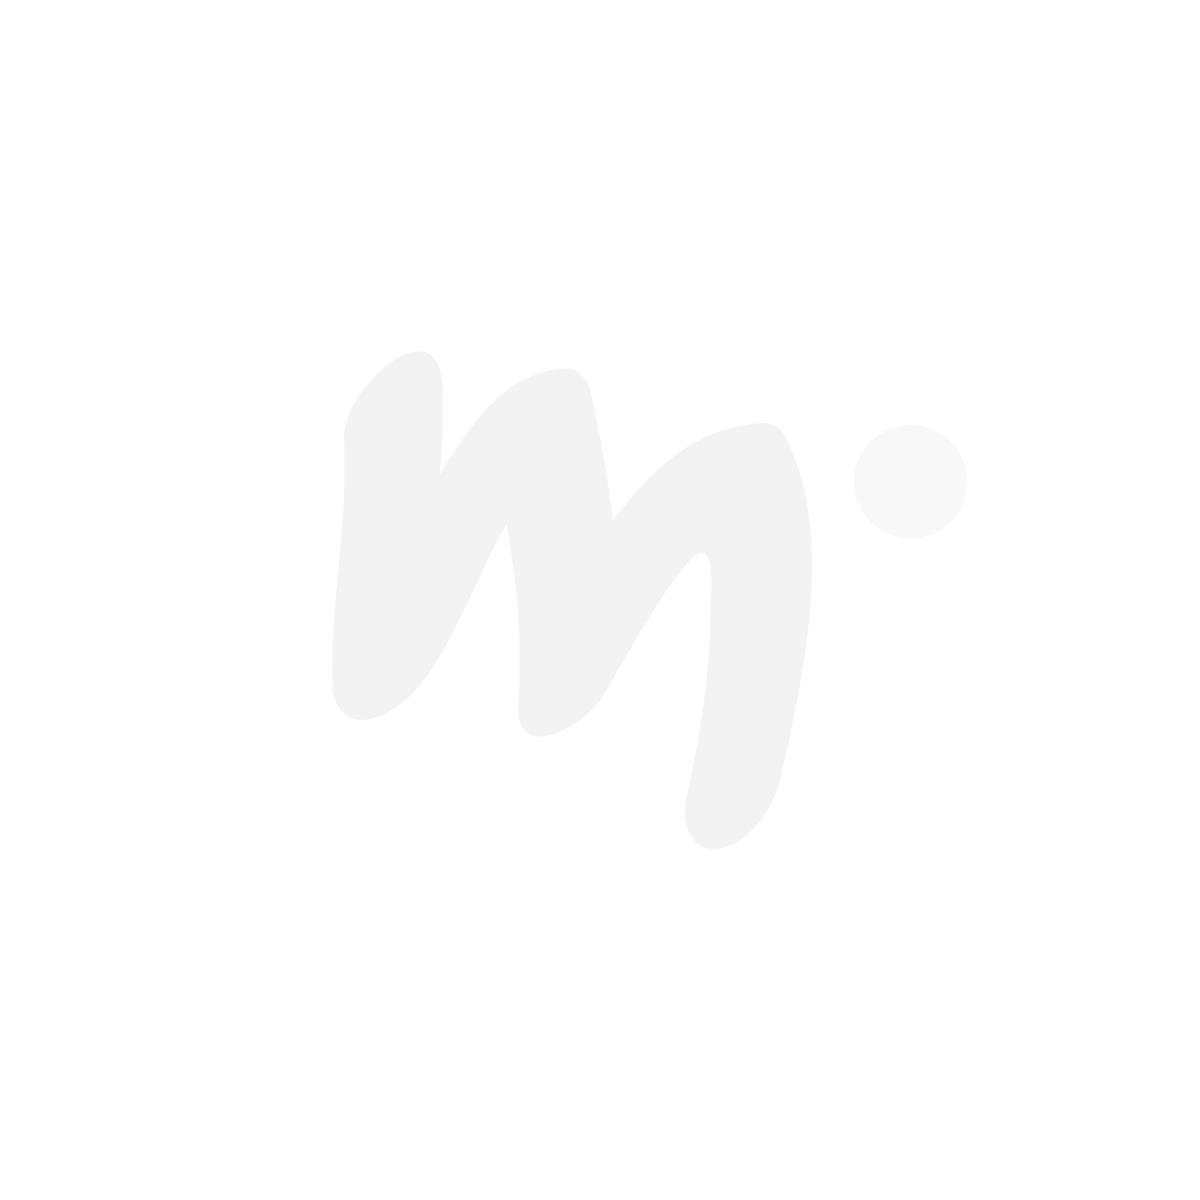 Peppi Pitkätossu Peppi leipoo -nuolija valkoinen M